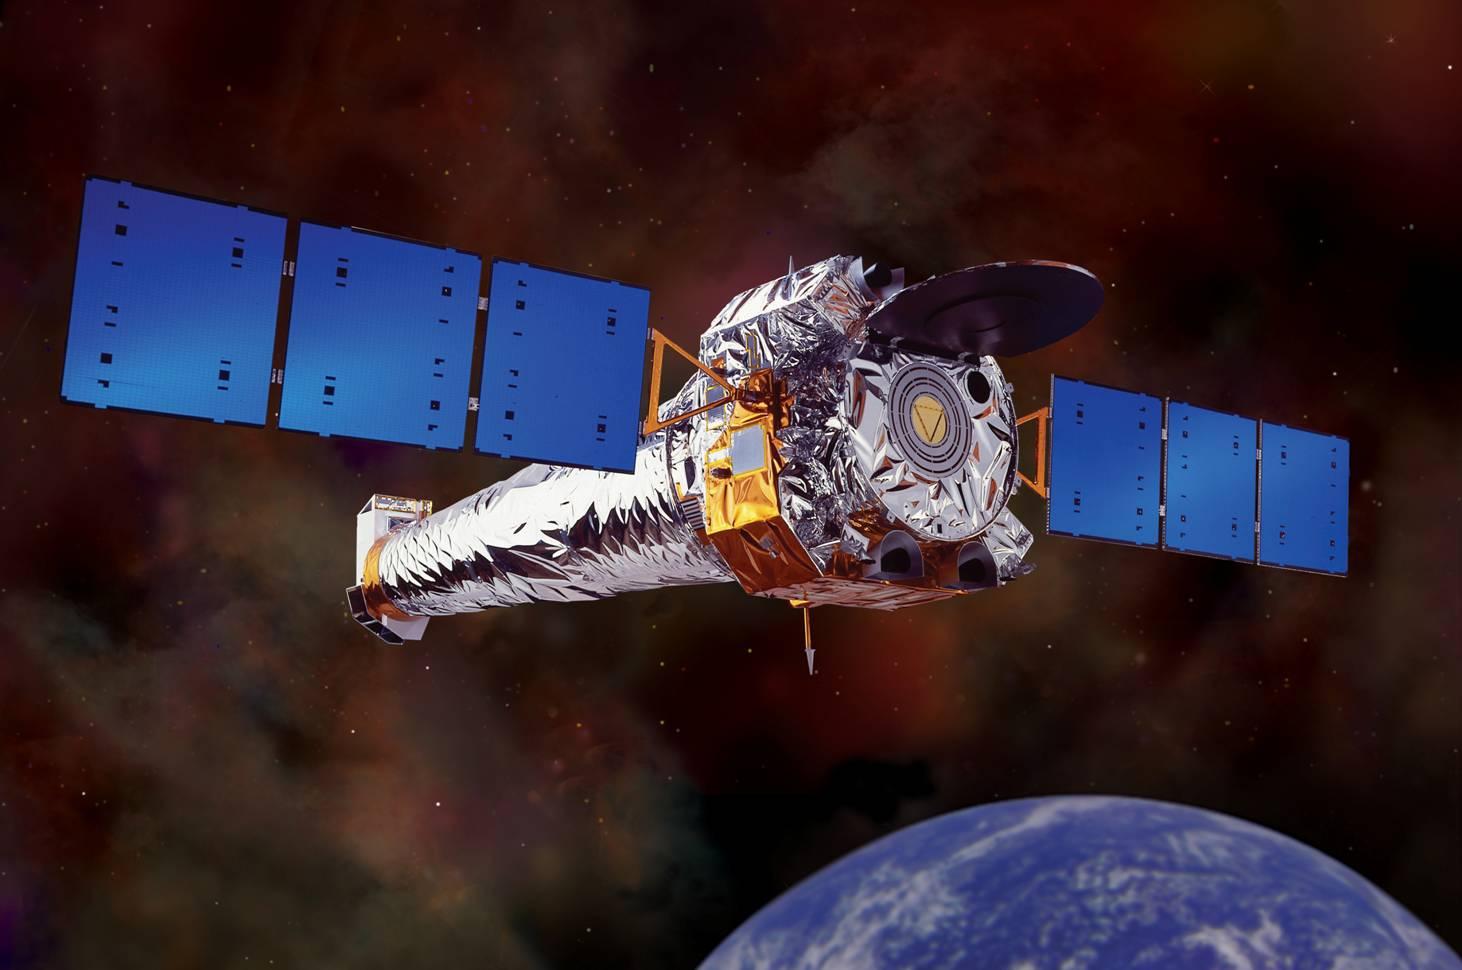 Rentgenová observatoř Chandra. Kredit: NASA.